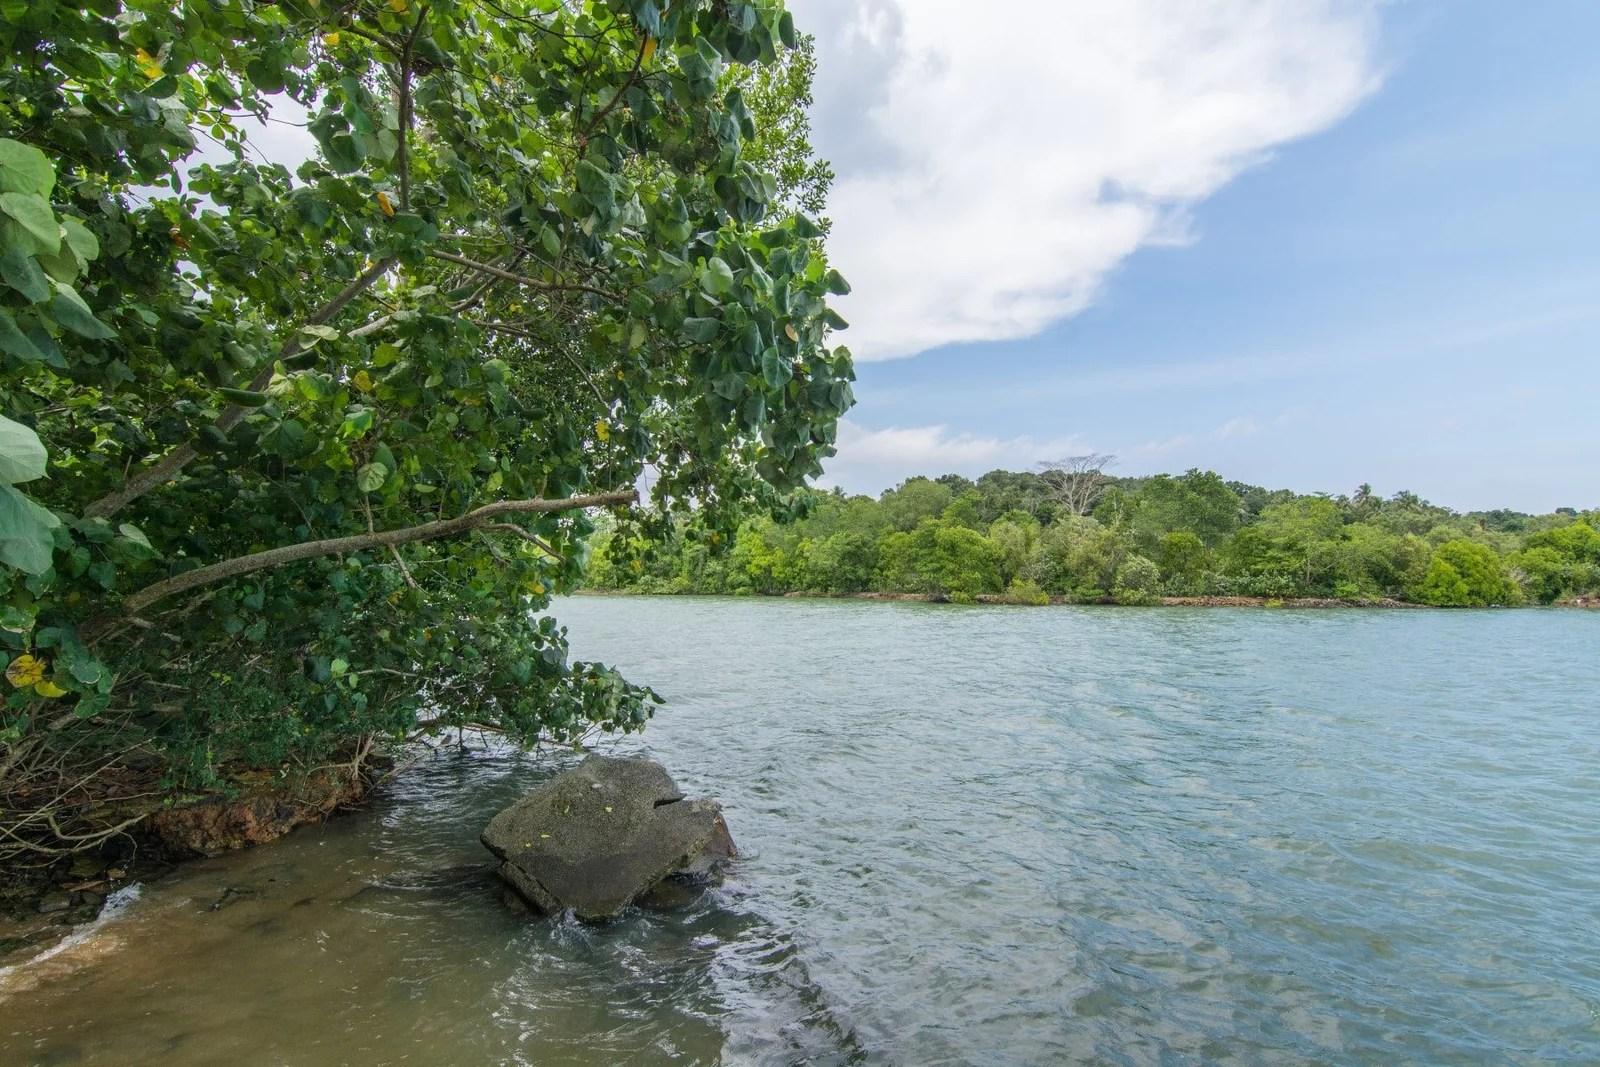 pulau ubin sensory trail singapour